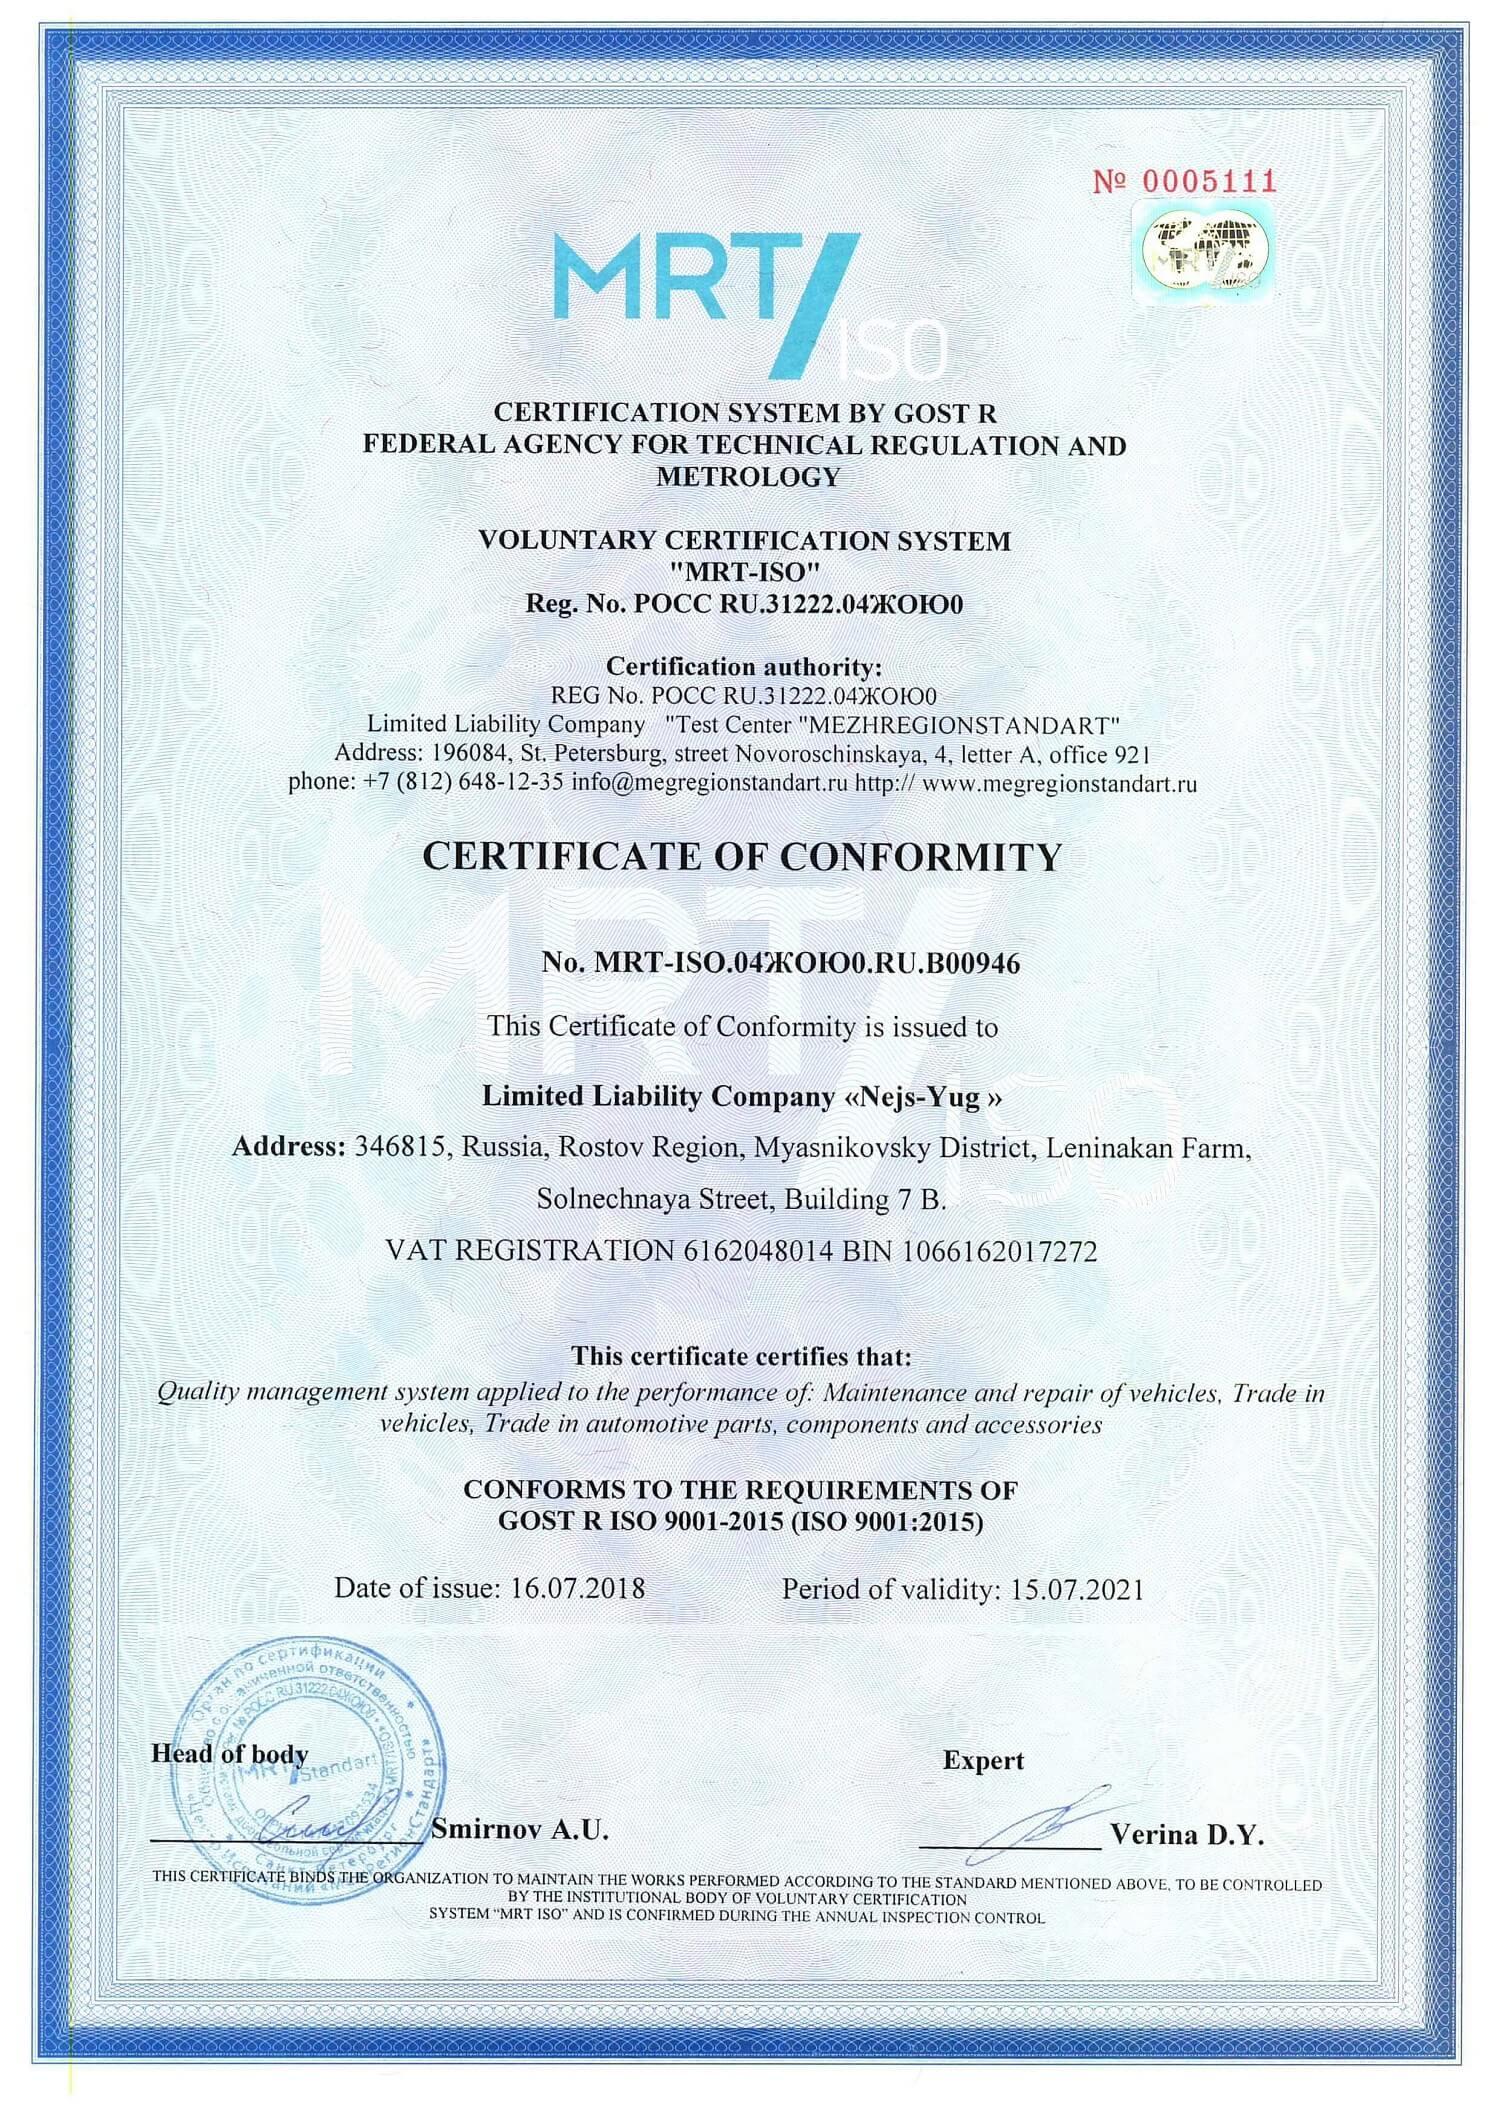 Сертификат соответствия ООО «Нейс-Юг» ENG